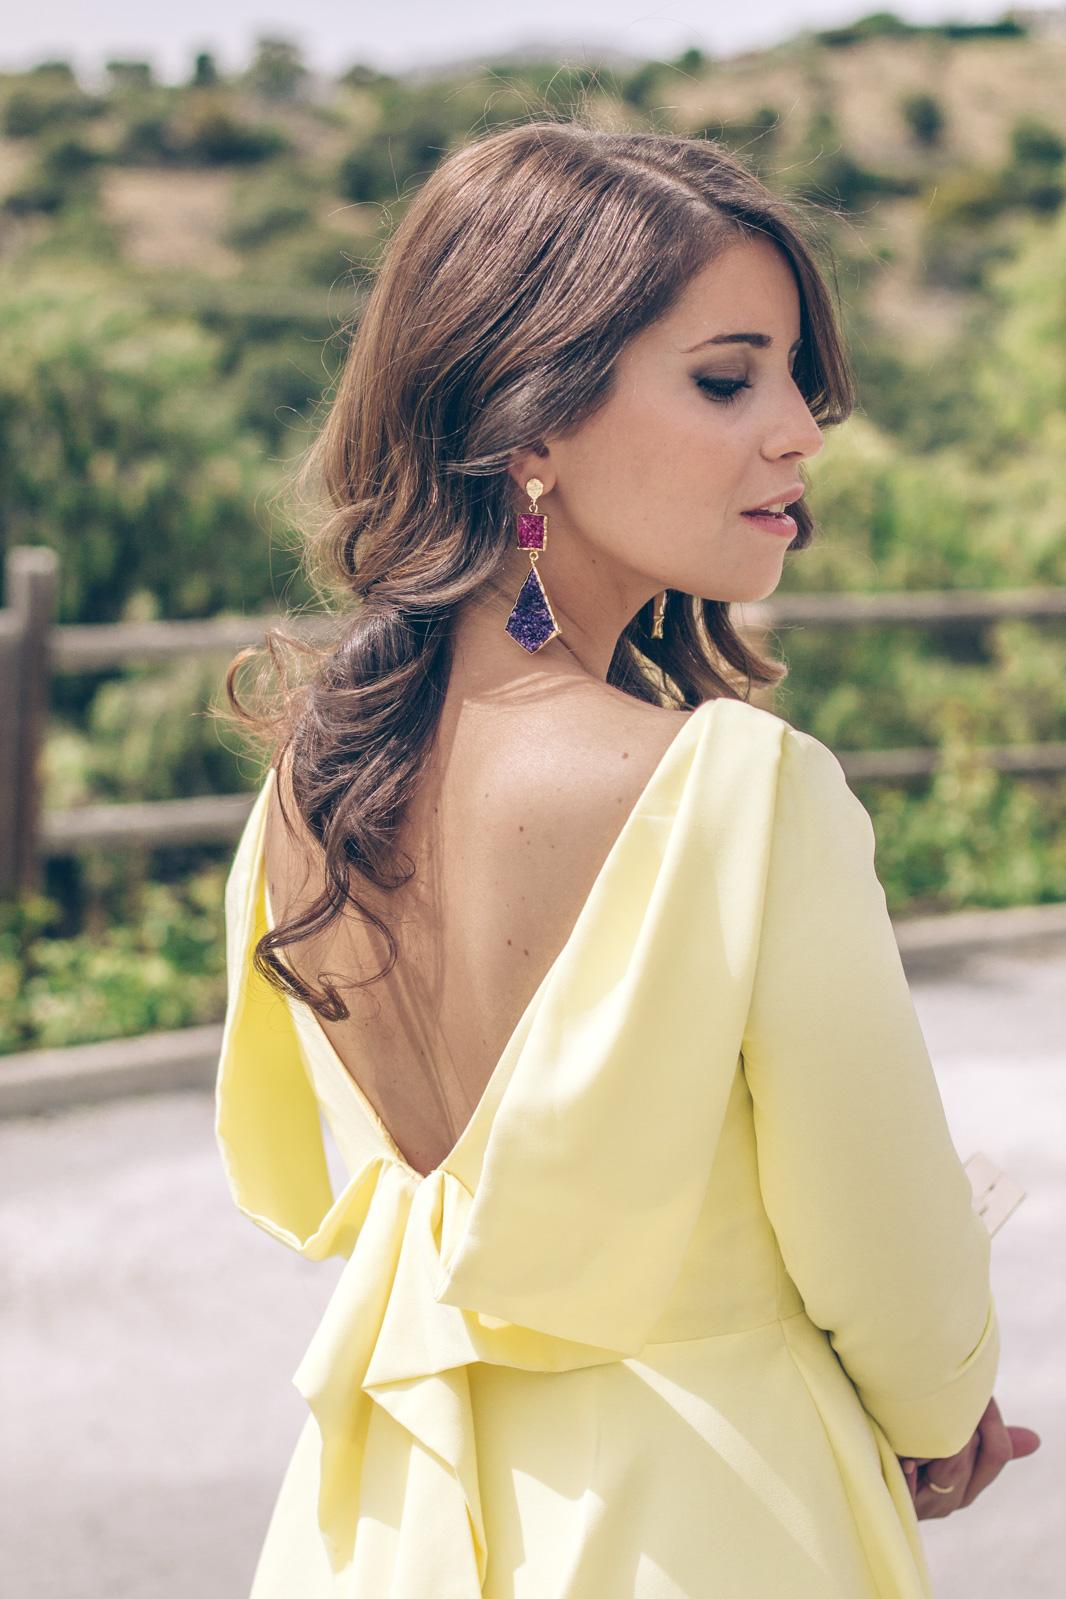 loreto_made_in_style_look_invitada_carmen_carcelen_vestido_boda_amarillo_midi_mole_mole_pendientes_acus-36